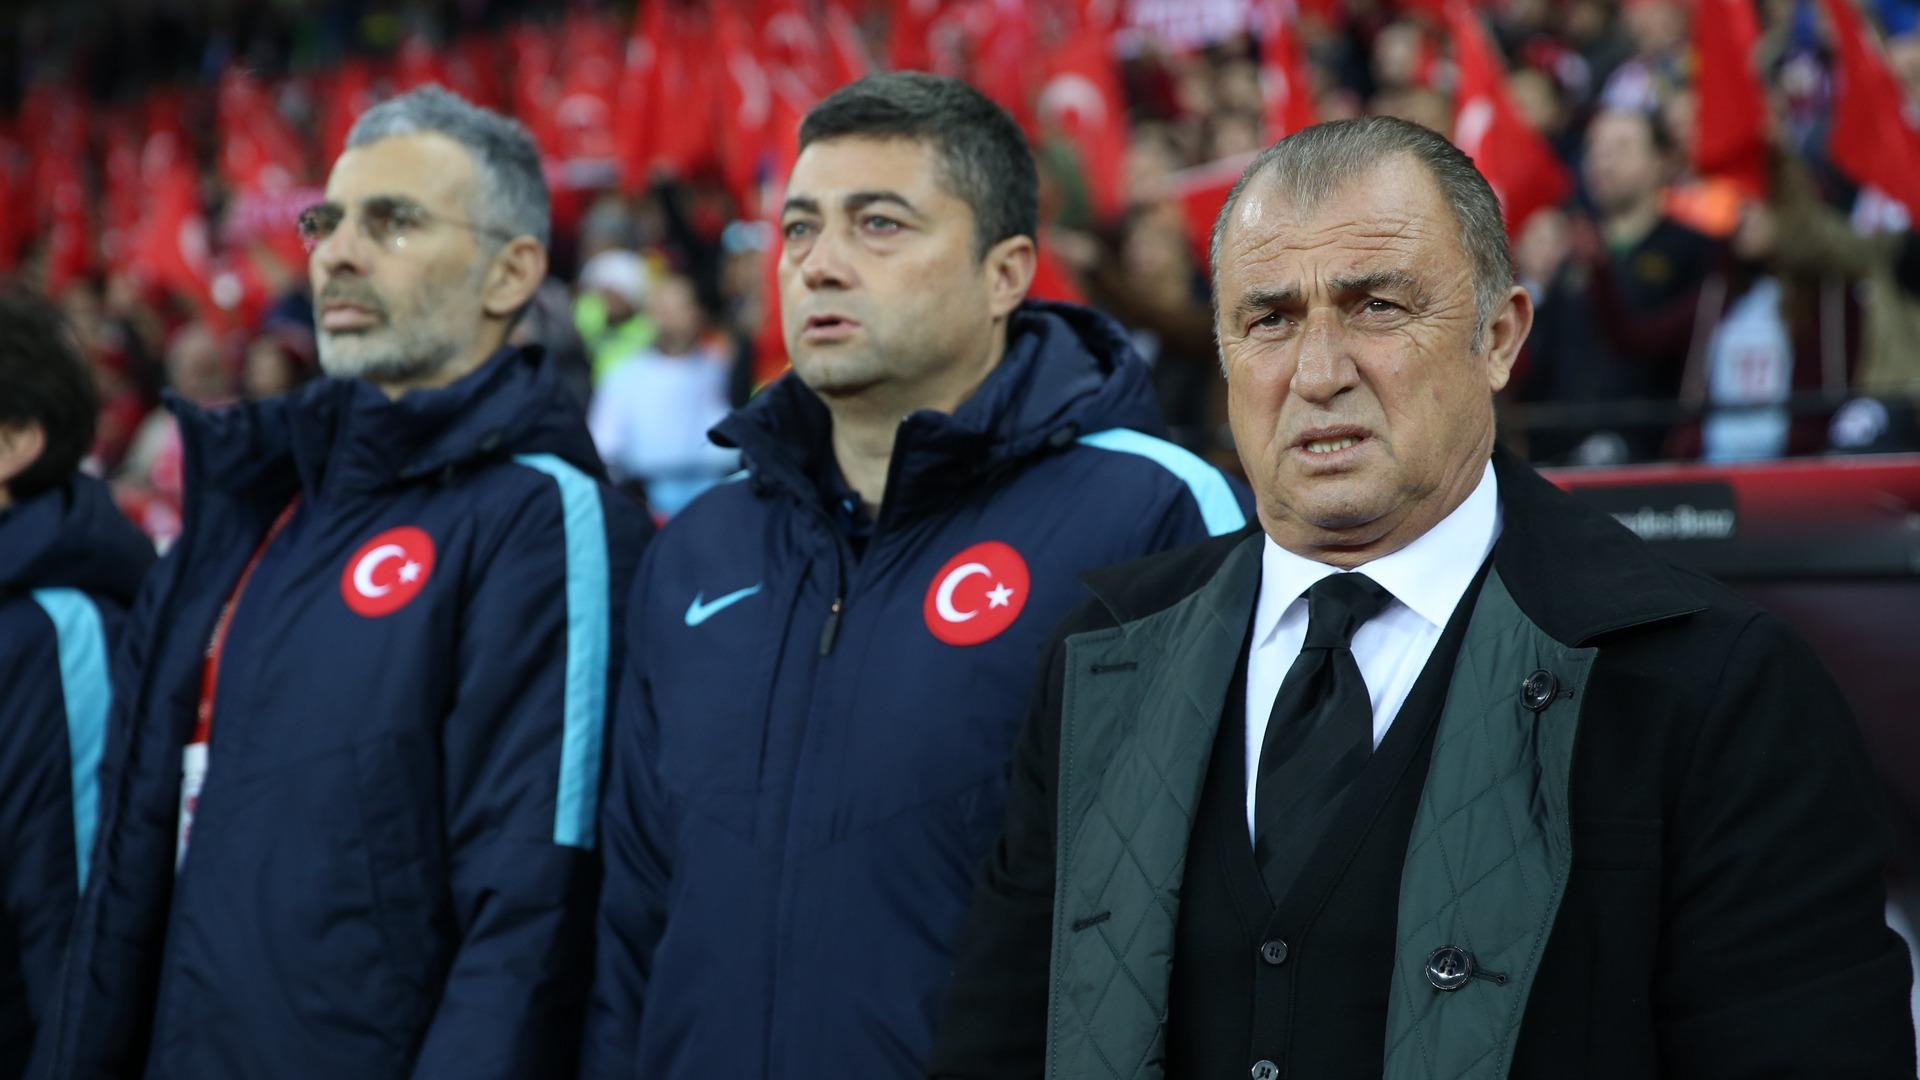 Turquie: le sélectionneur Terim démissionne après une bagarre